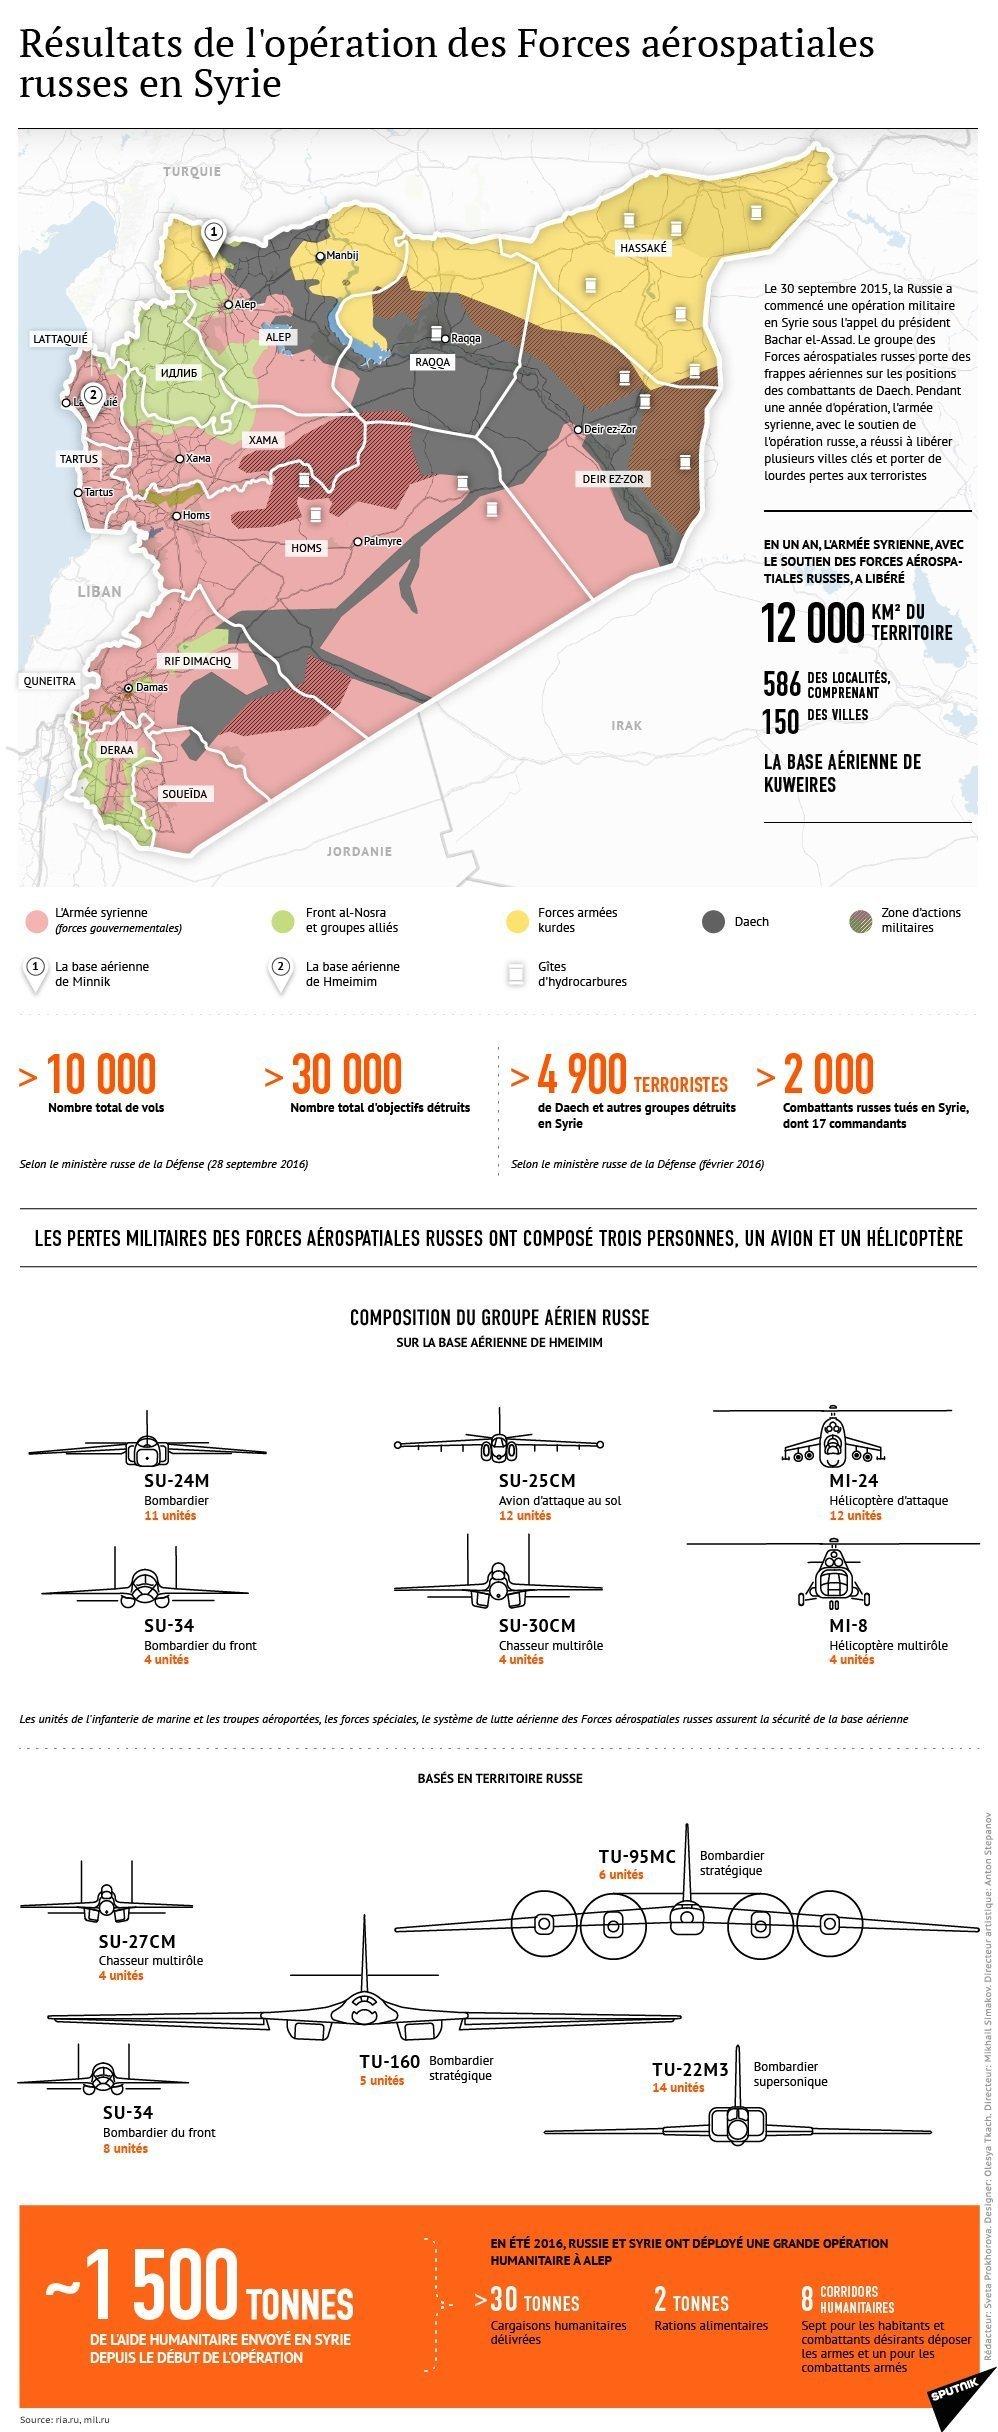 Résultats de l`opération des Forces aérospatiales russes en Syrie